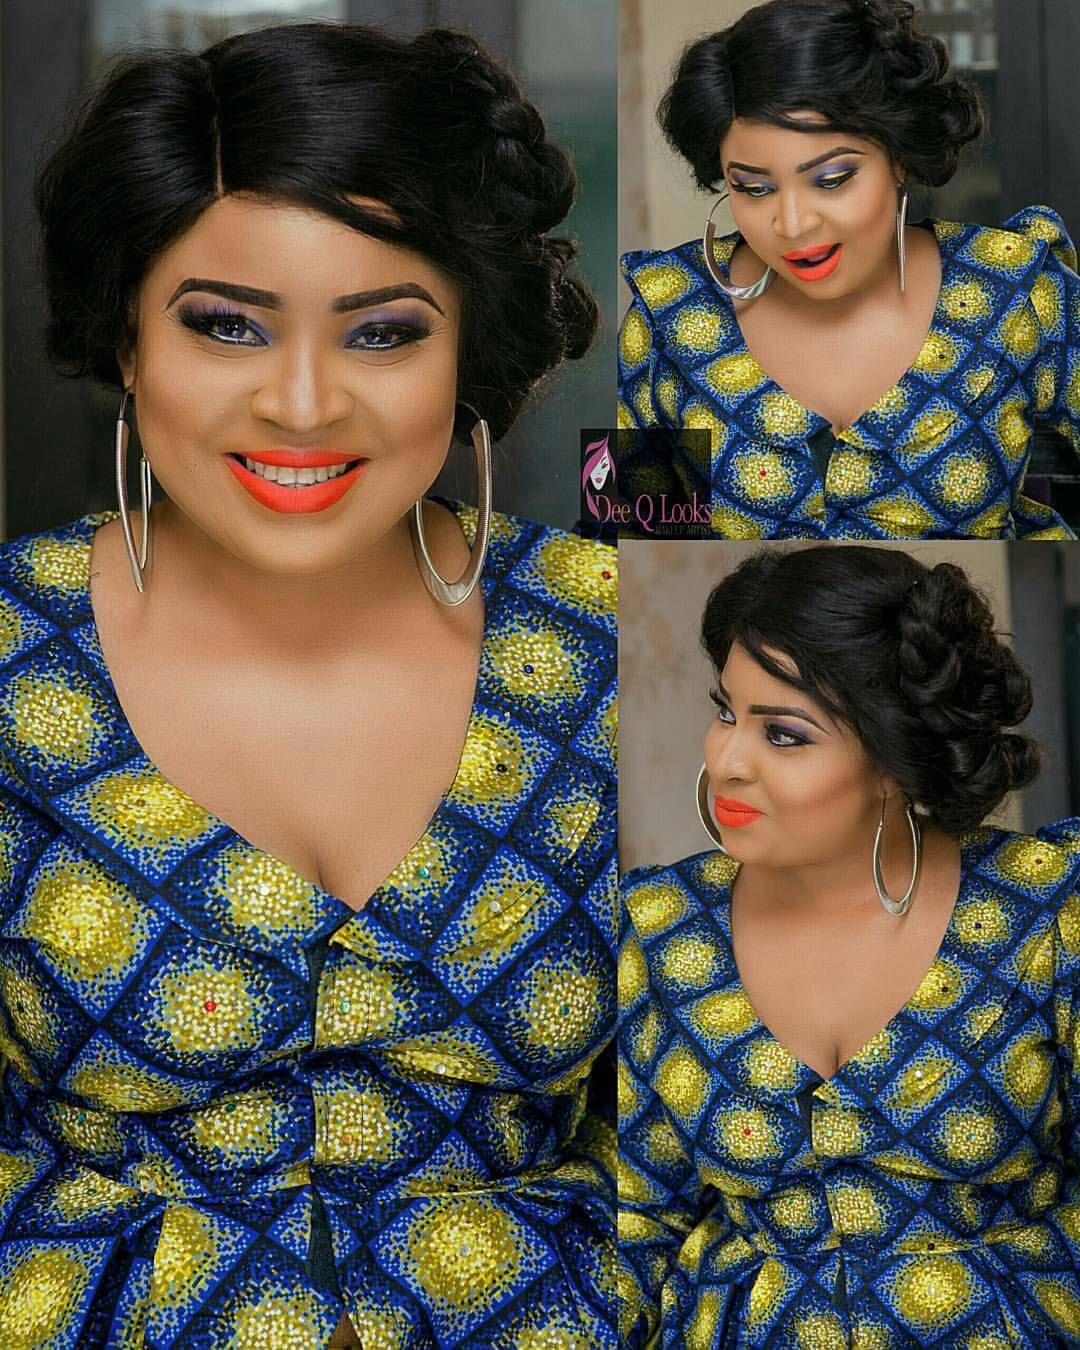 ❤❤ @abimbolaogunnowo #Fashion  Makeup by @deeqlooks